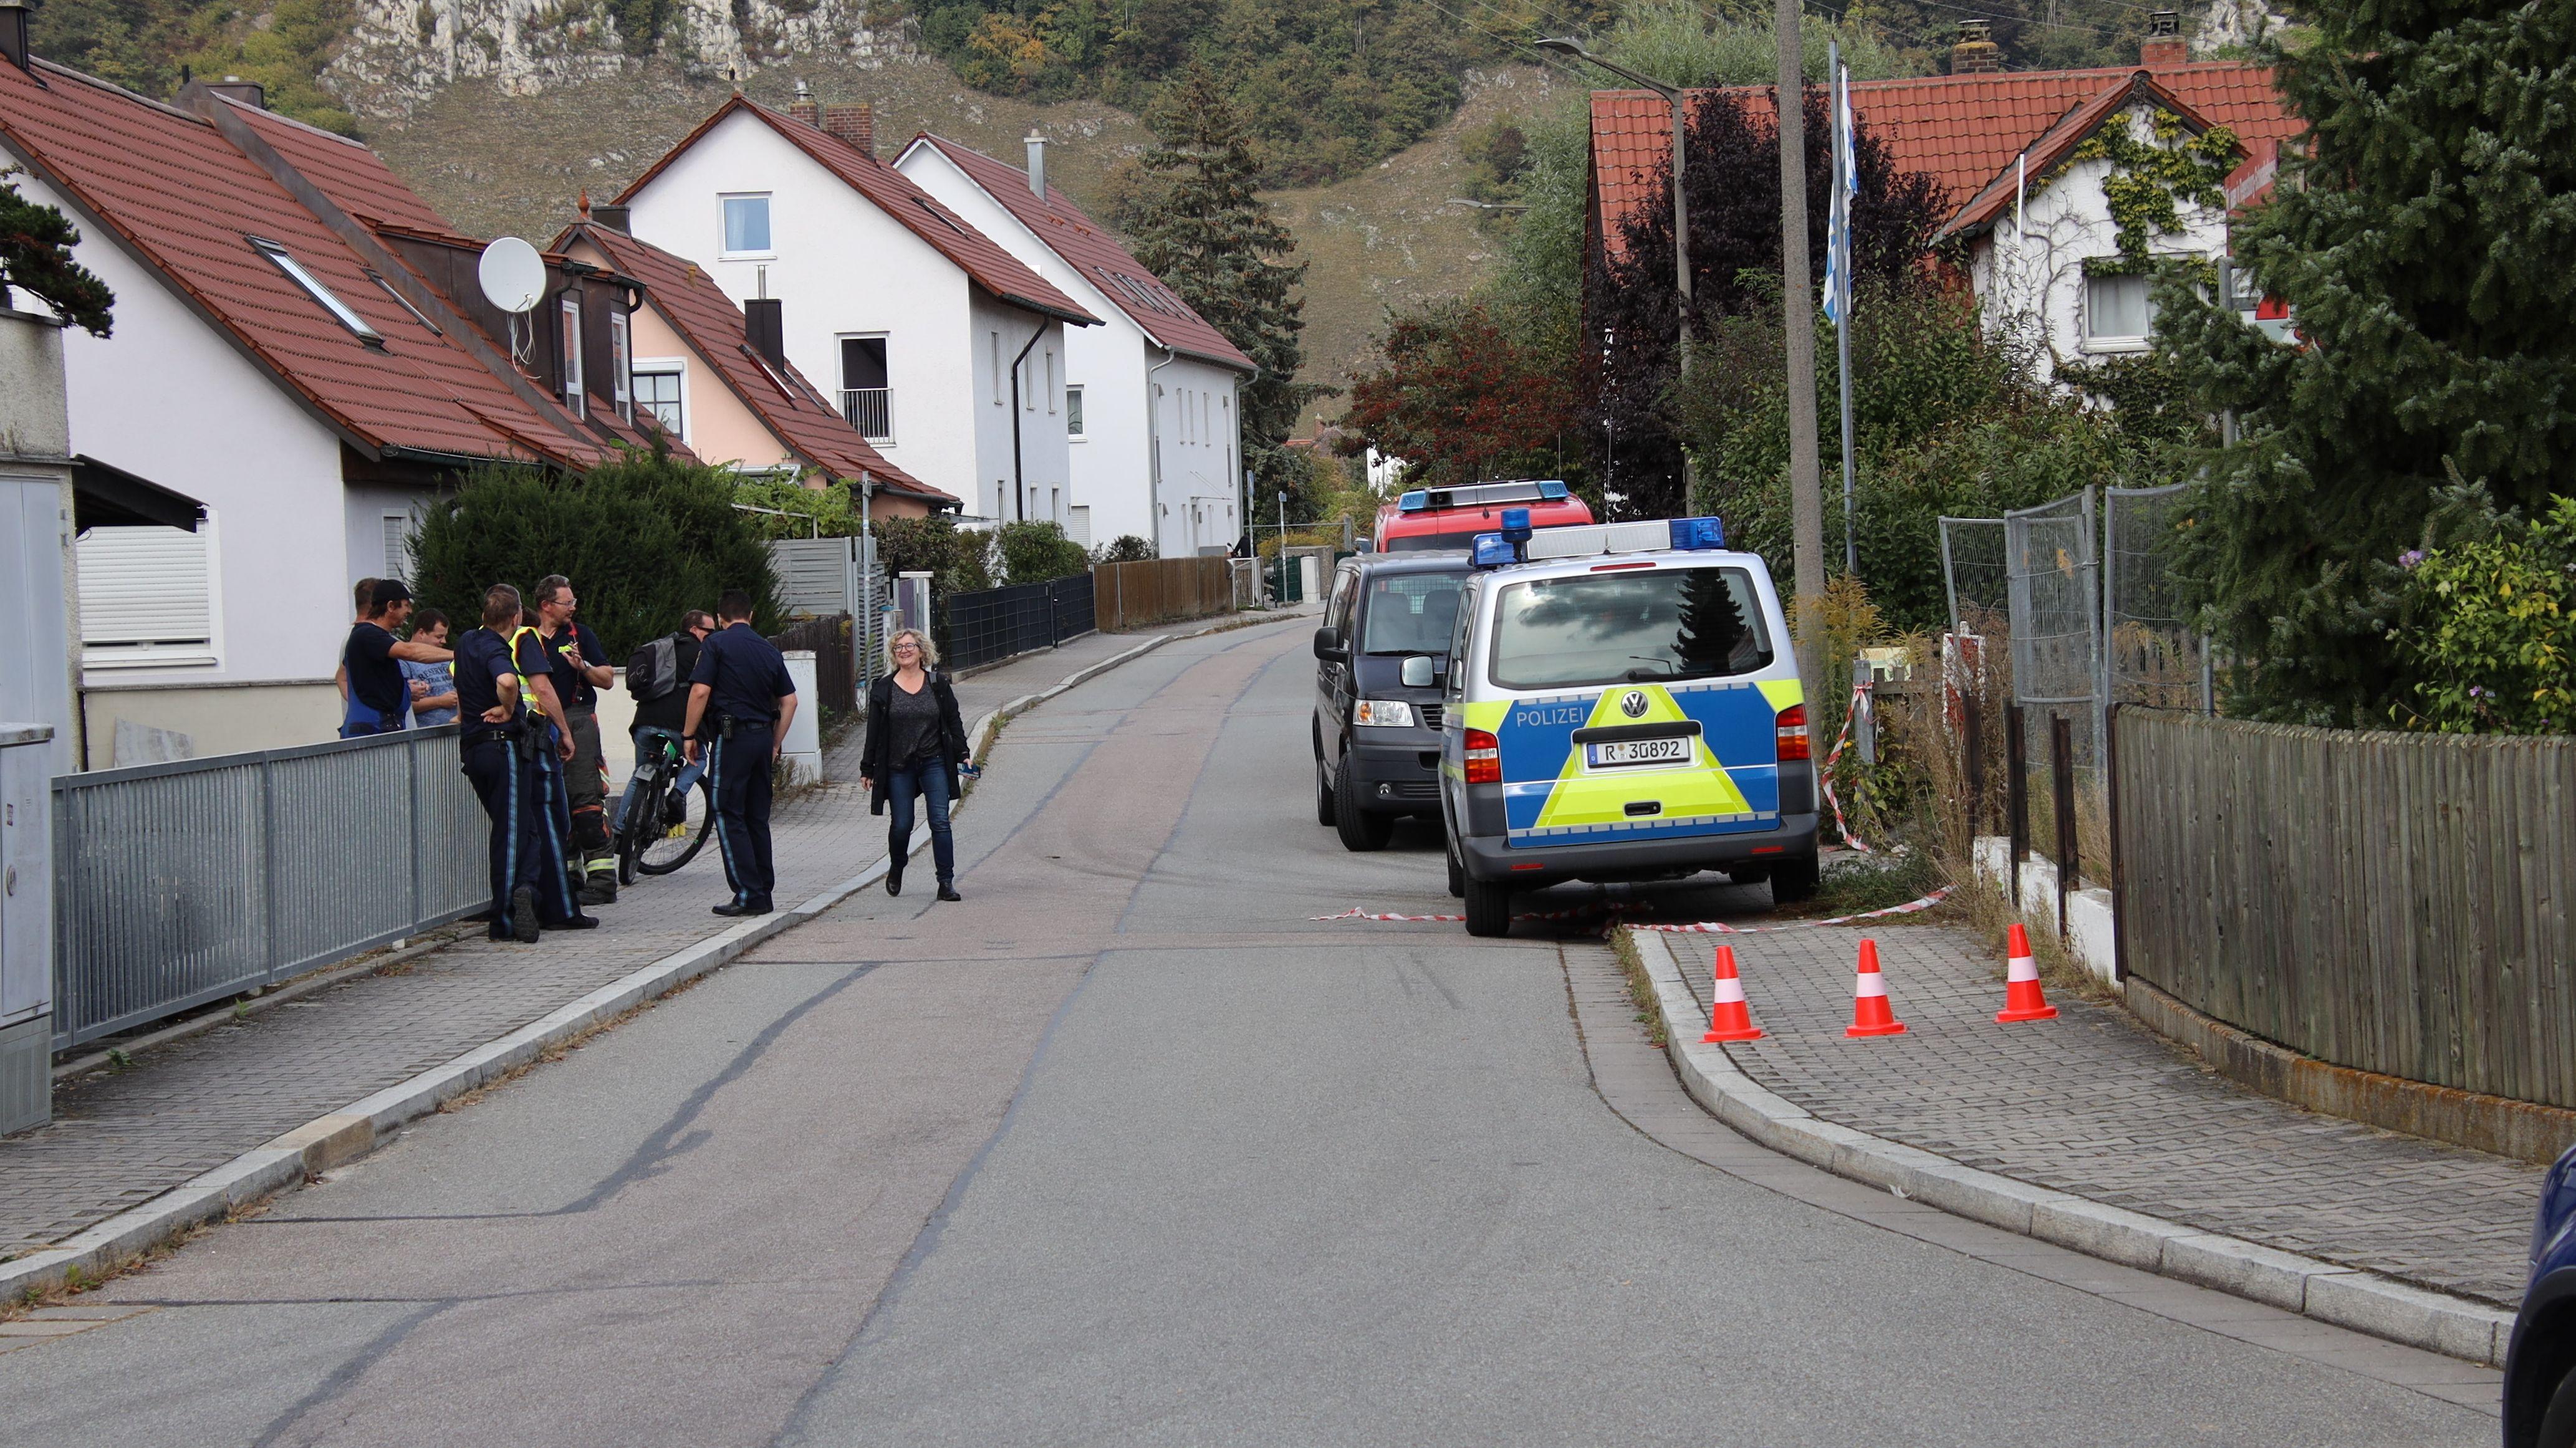 In Regensburg ist eine Fliegerbombe aus dem Zweiten Weltkrieg gefunden worden. Mehr als 2.000 Menschen müssen ihre Häuser verlassen.